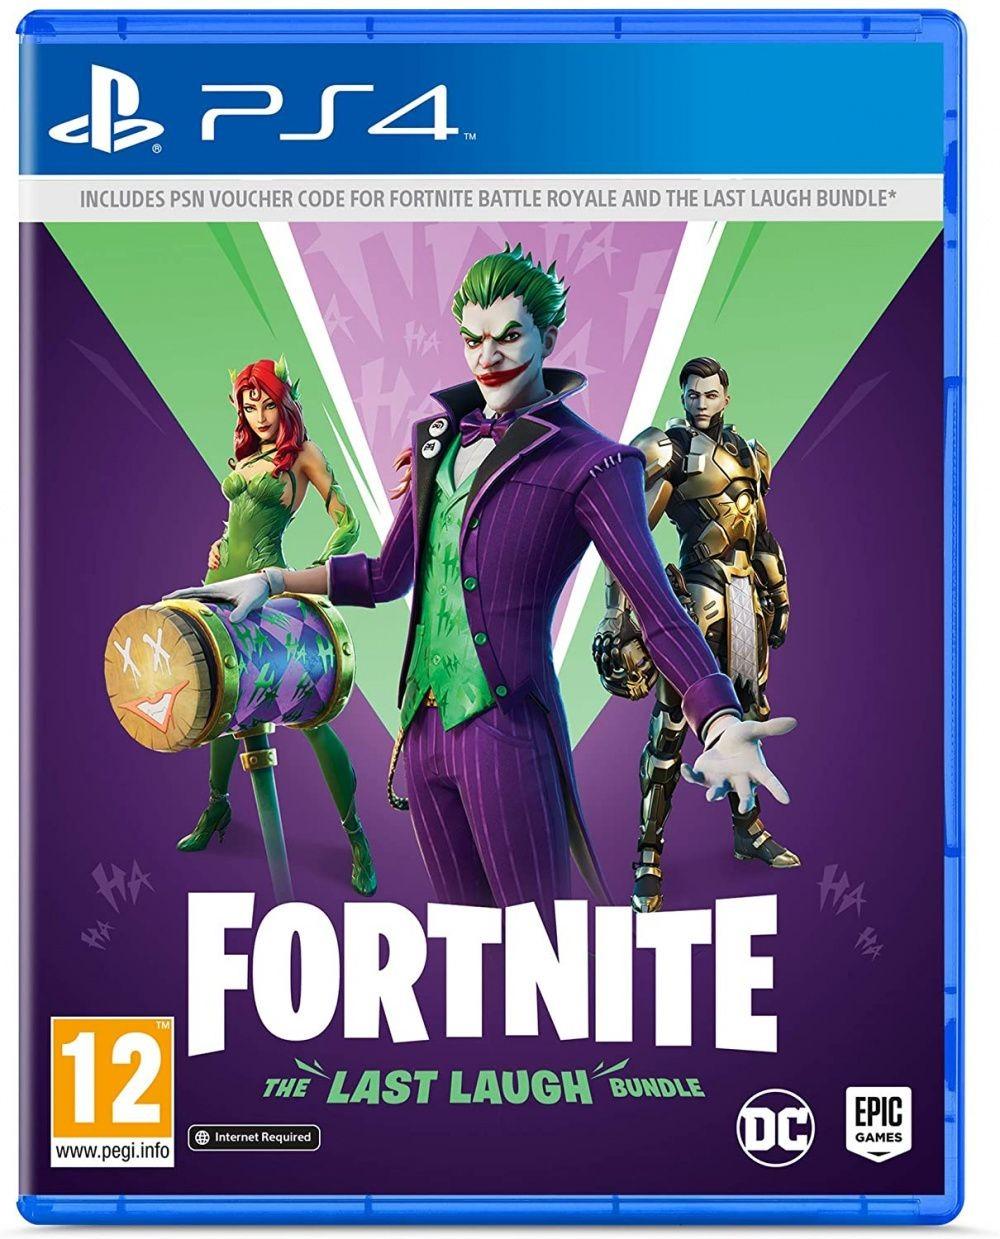 Fortnite. The Last Laugh Bundle | «Кто смеётся последним» PS4